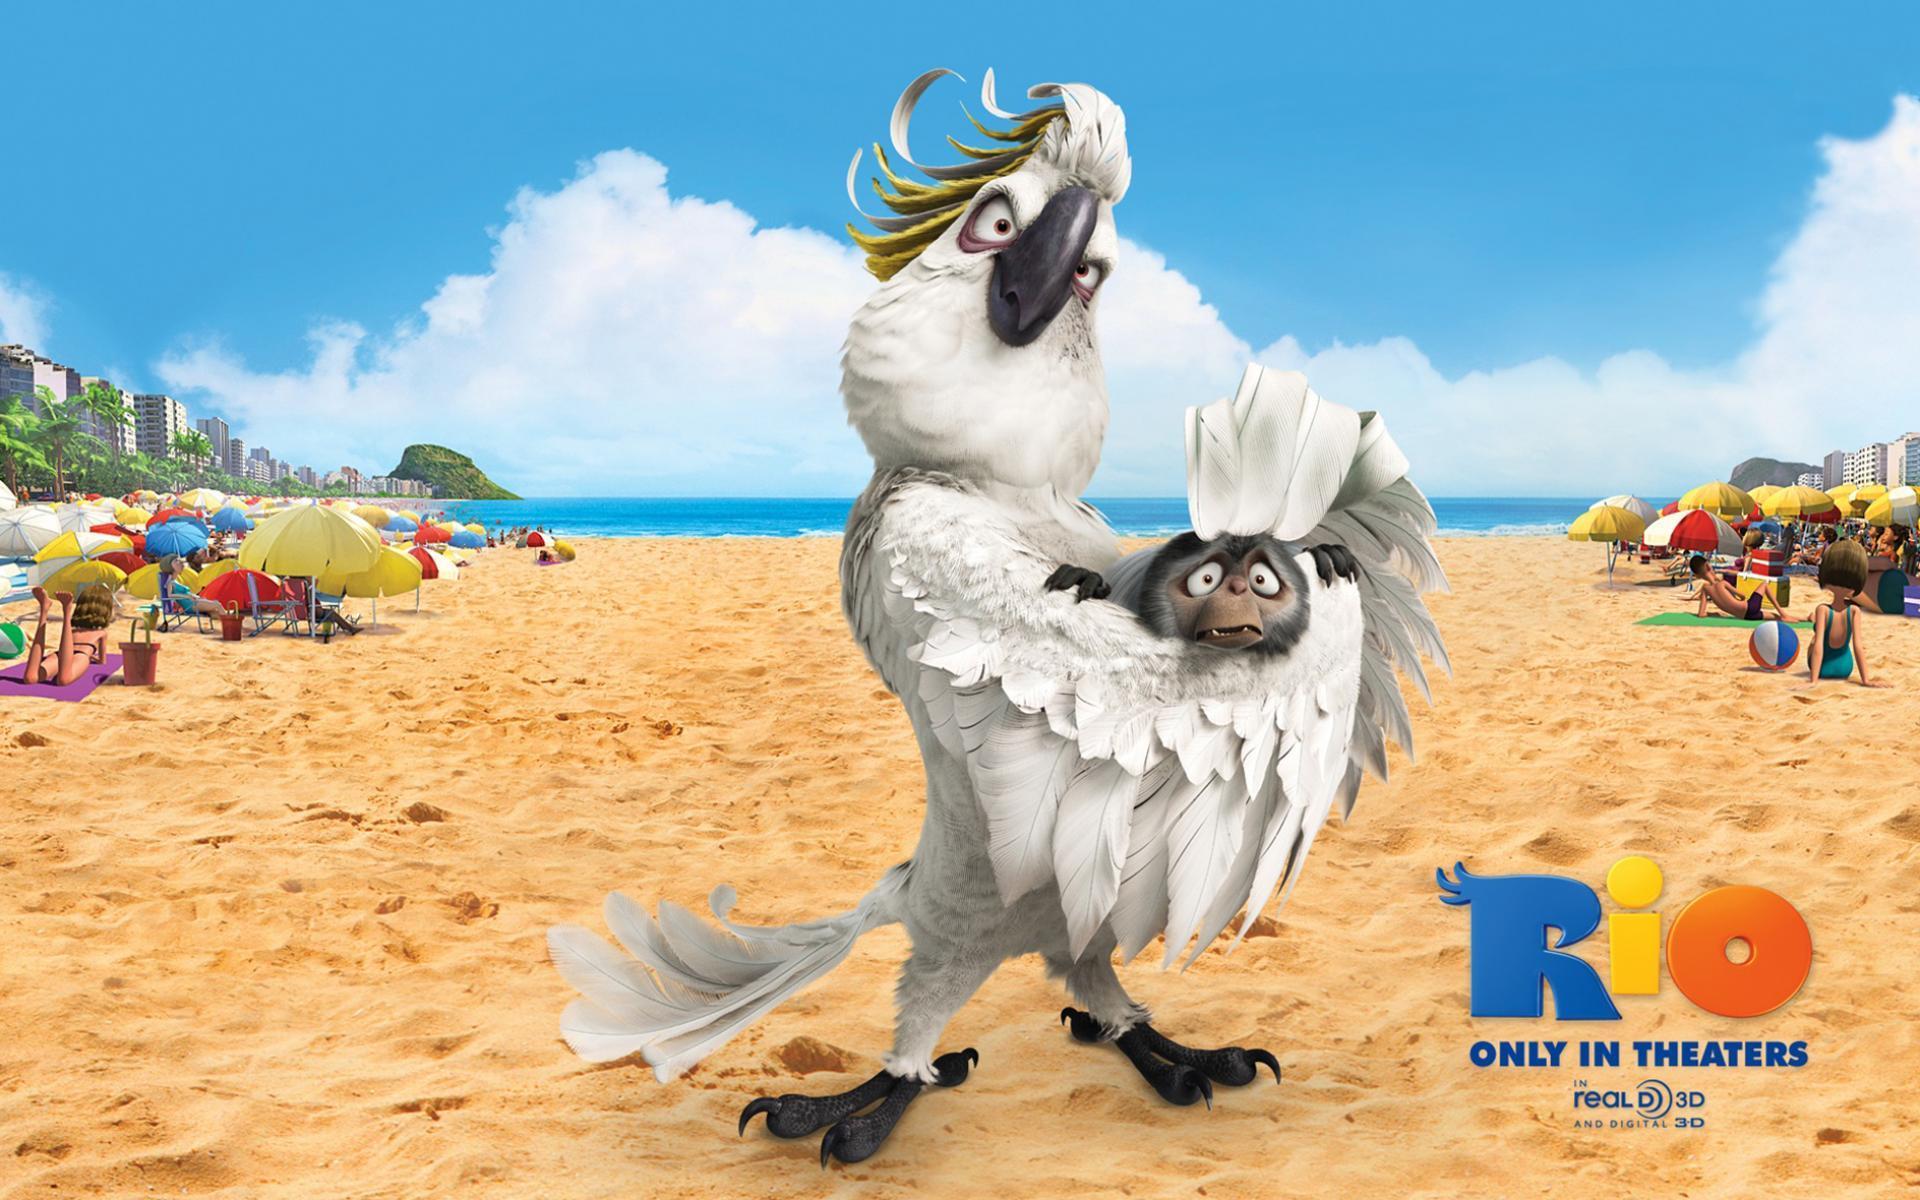 17058 скачать обои Мультфильмы, Птицы, Попугаи, Пляж, Рио (Rio) - заставки и картинки бесплатно